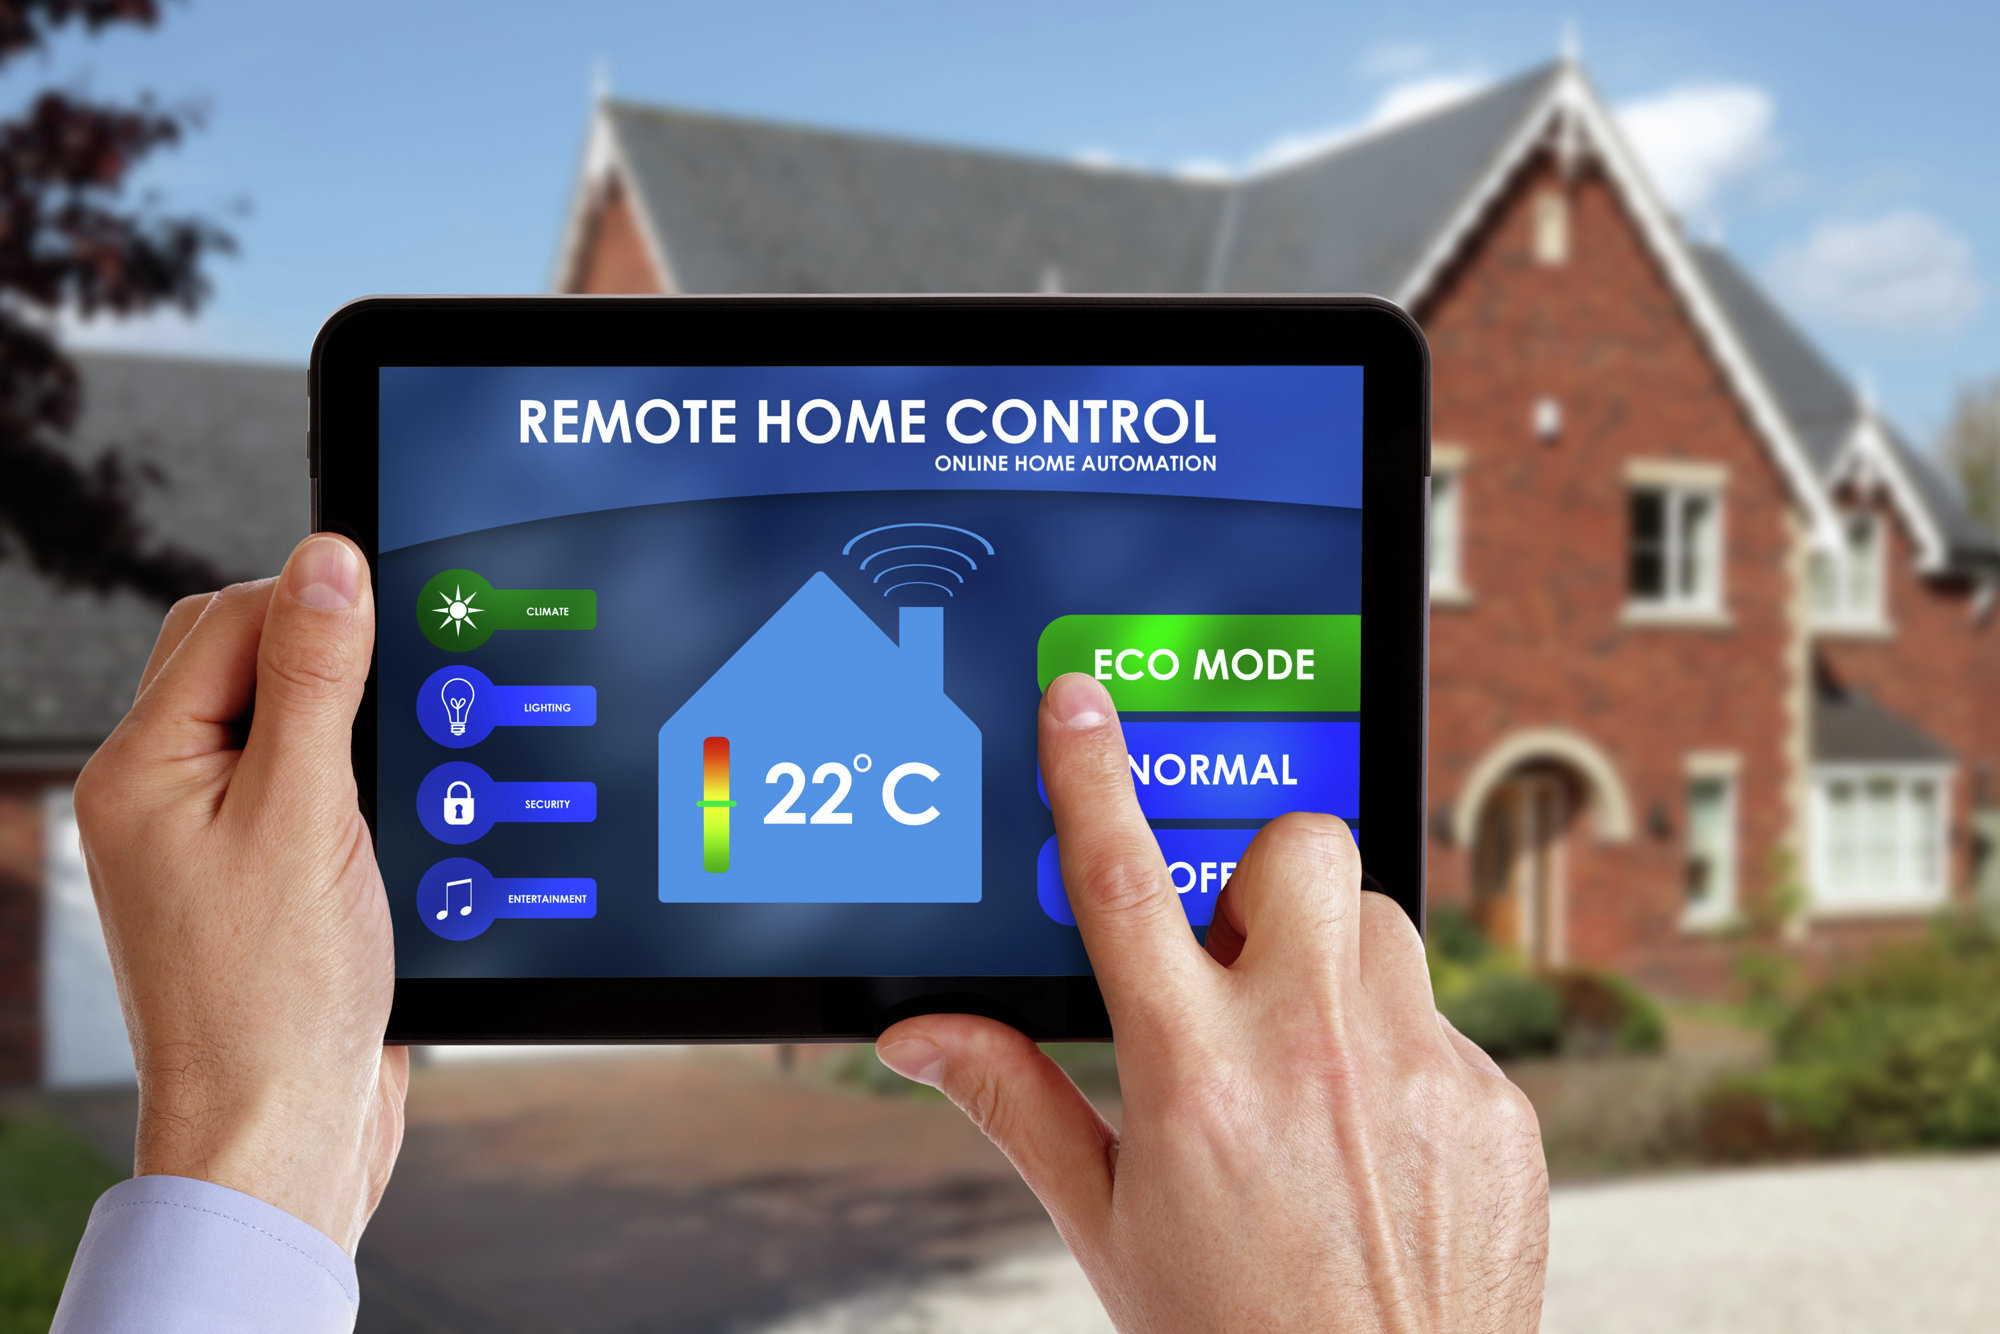 элементы контроля системы умный дом